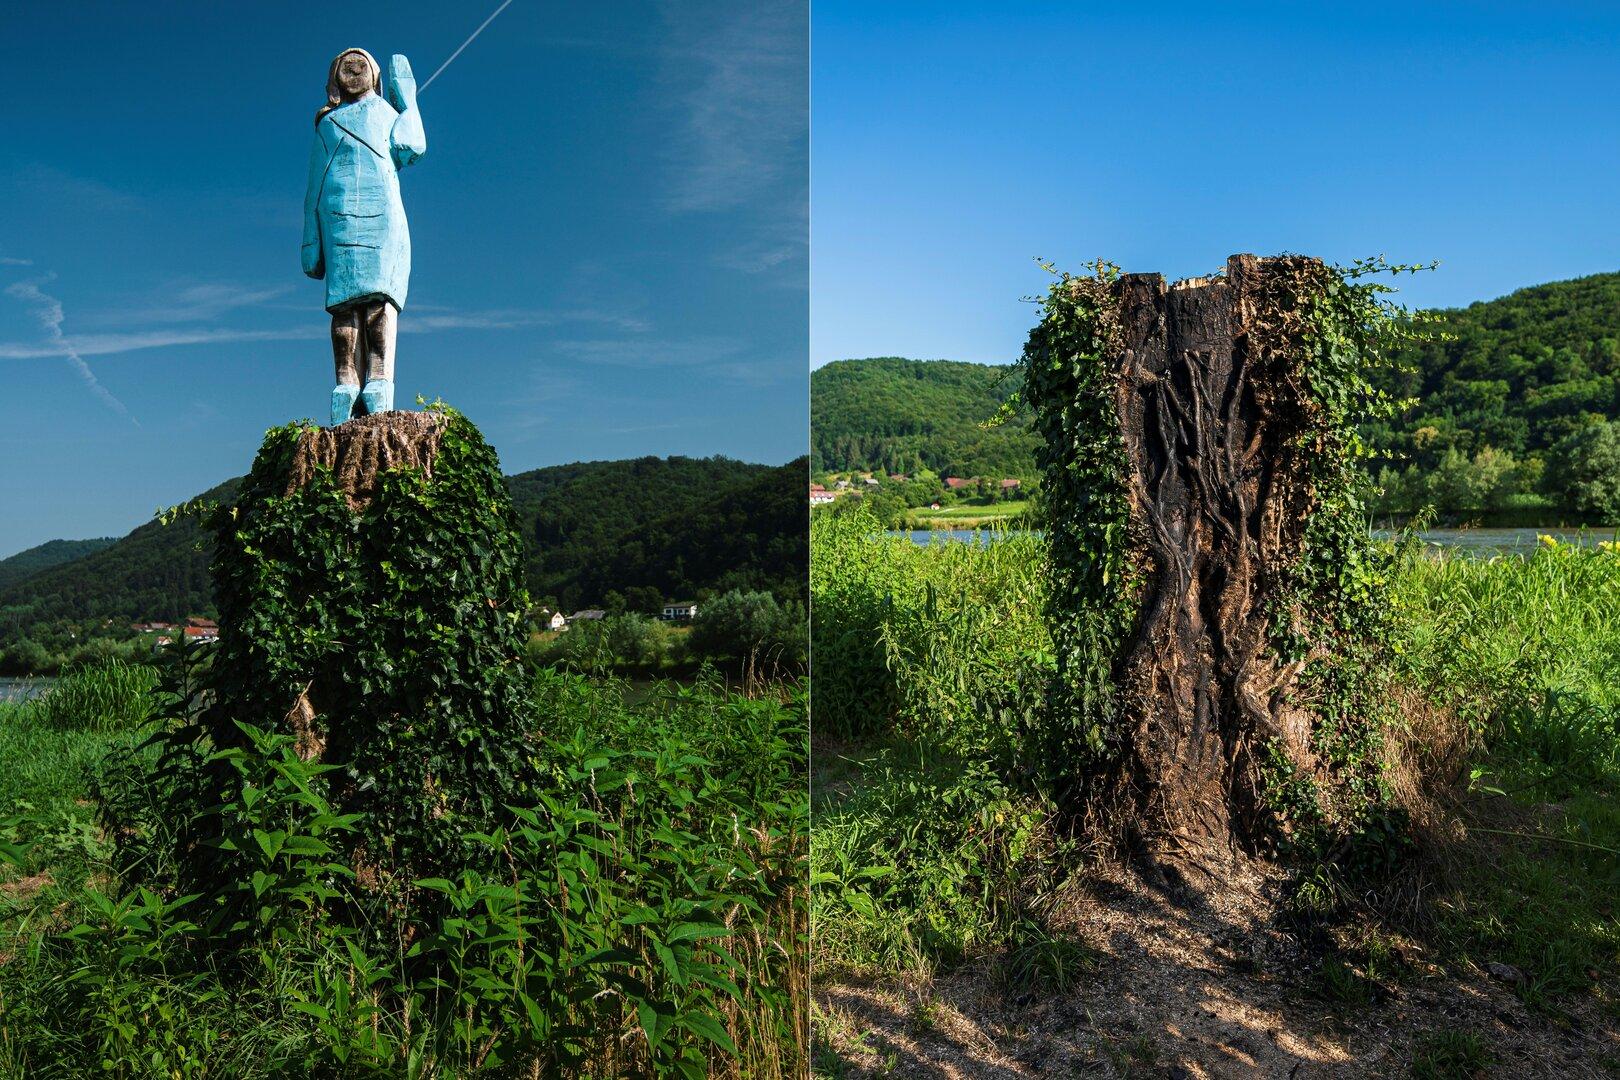 التمثال الخشبي لميلانيا ترامب الذي نحته الفنان السلوفيني آليش جوبيفتس